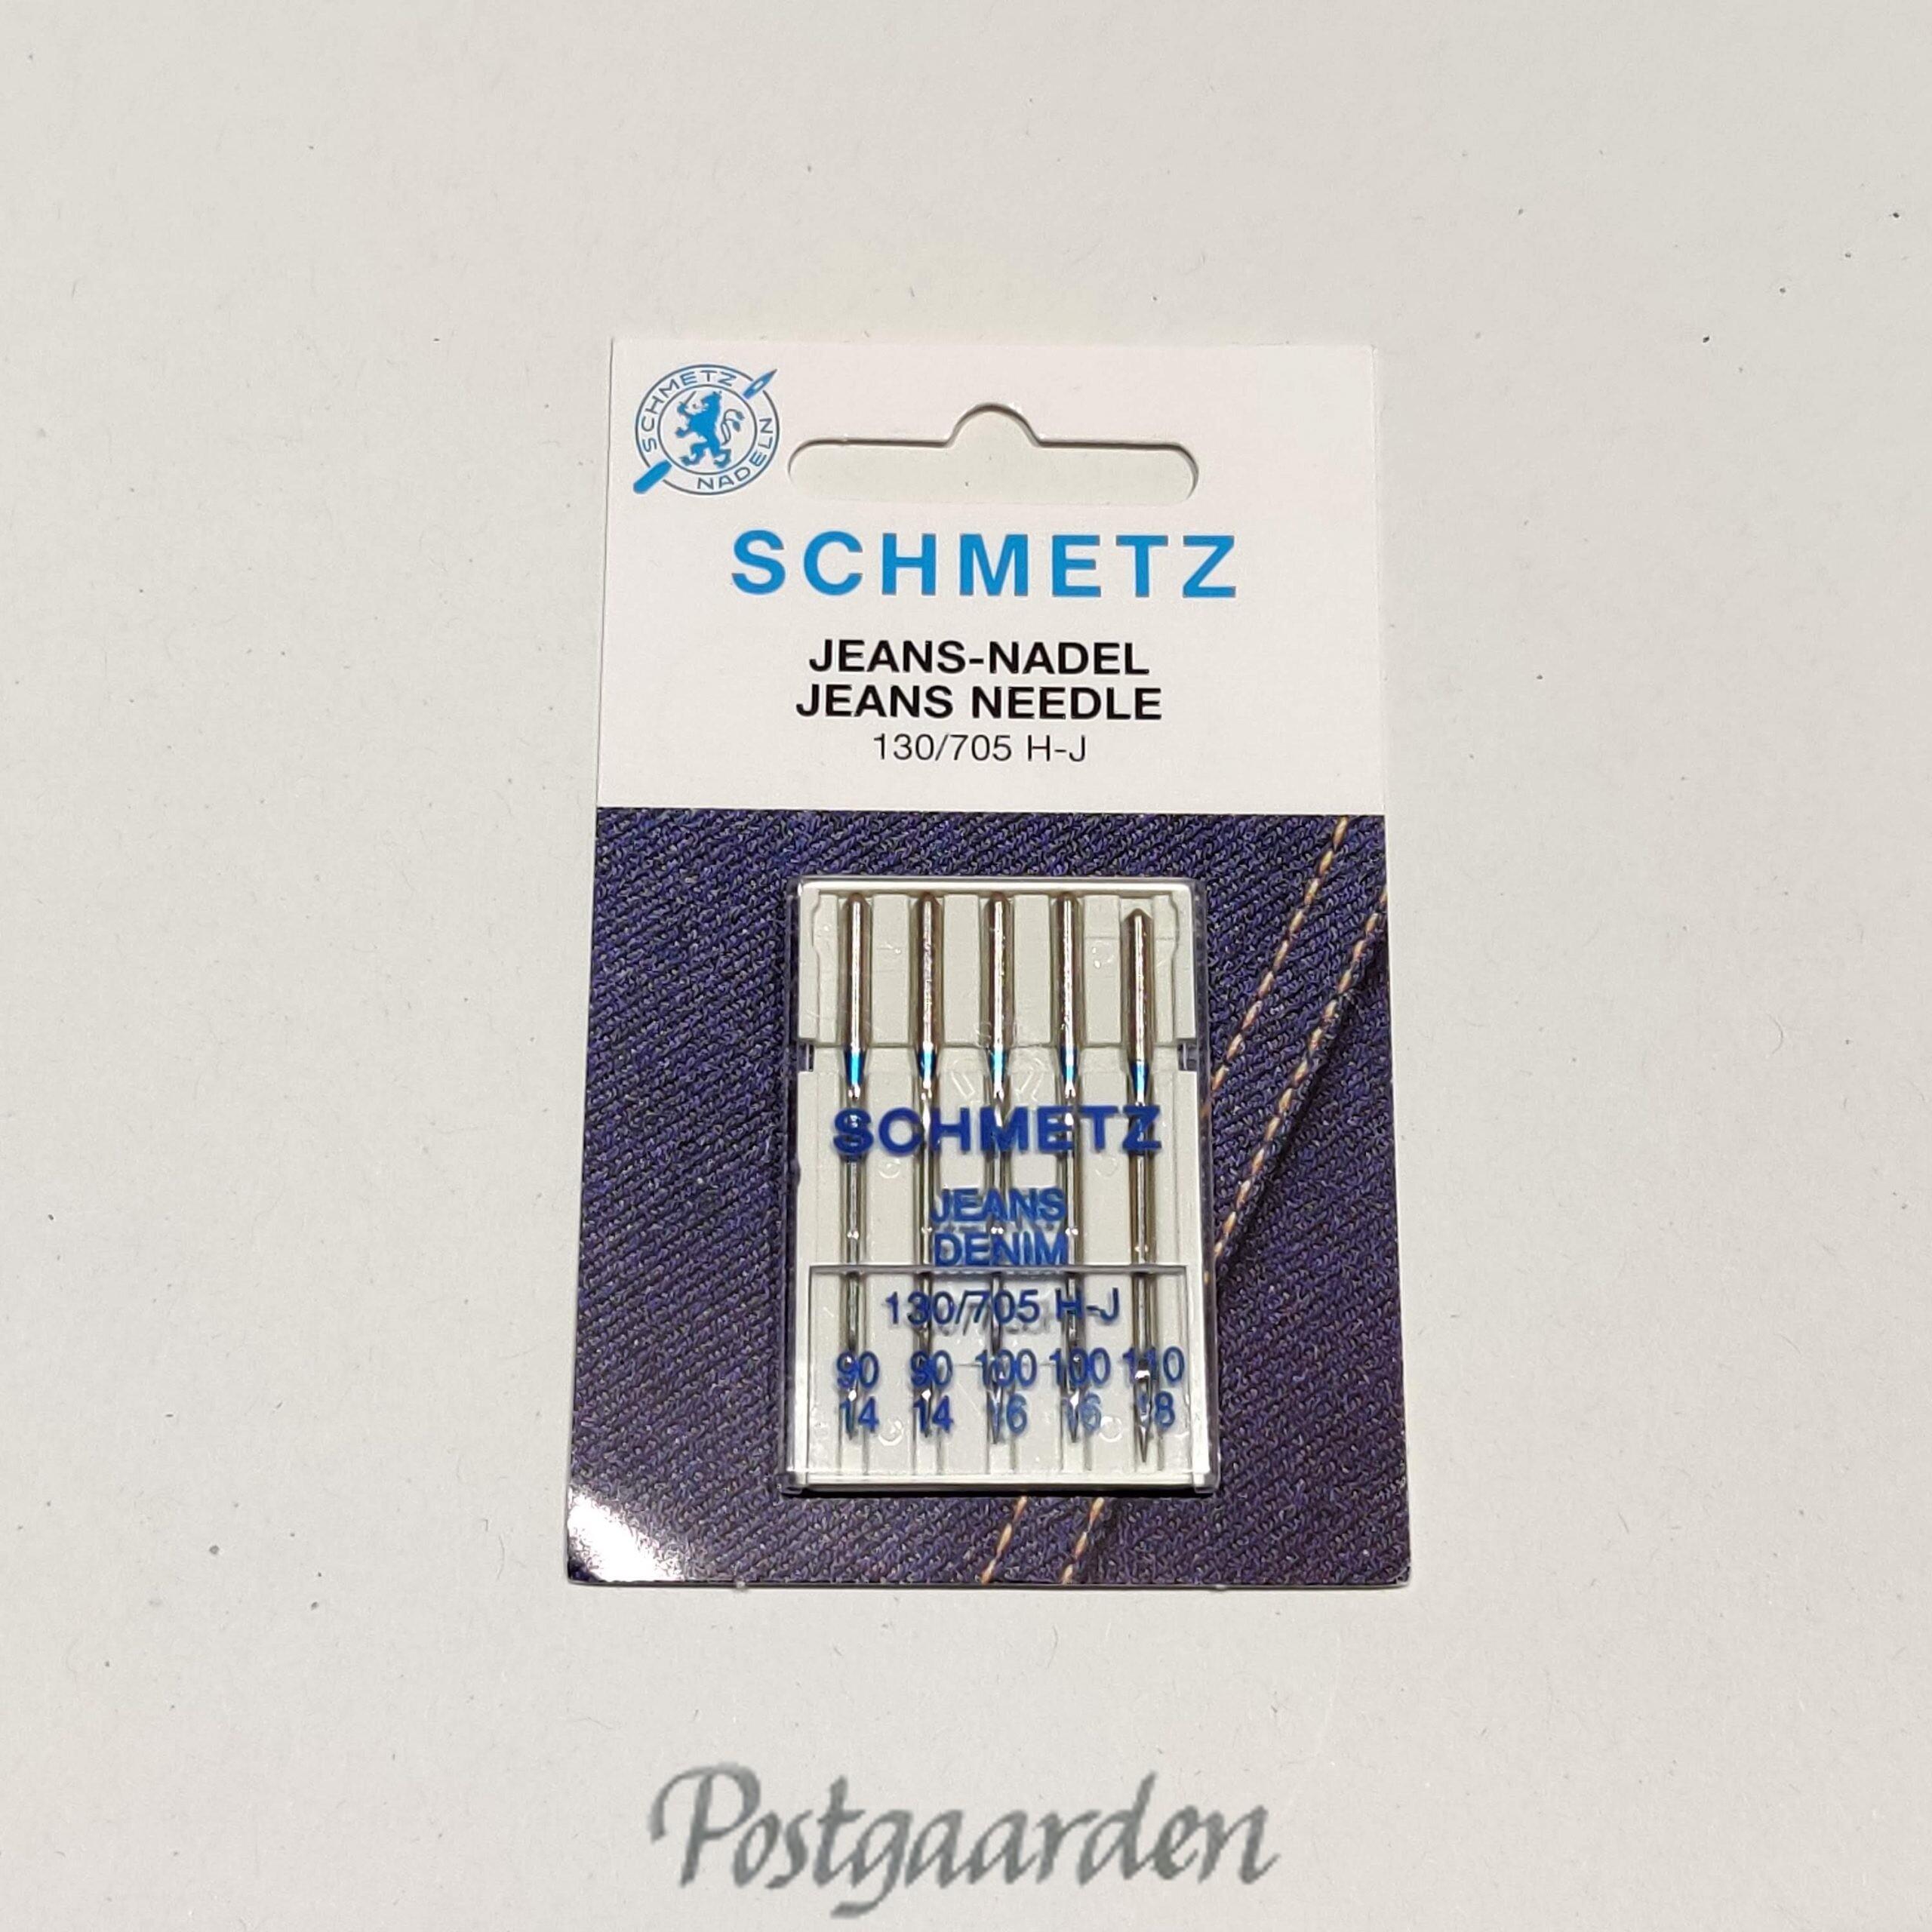 SCHMETZ Jeans needle 130/705 H-J symaskinenåle